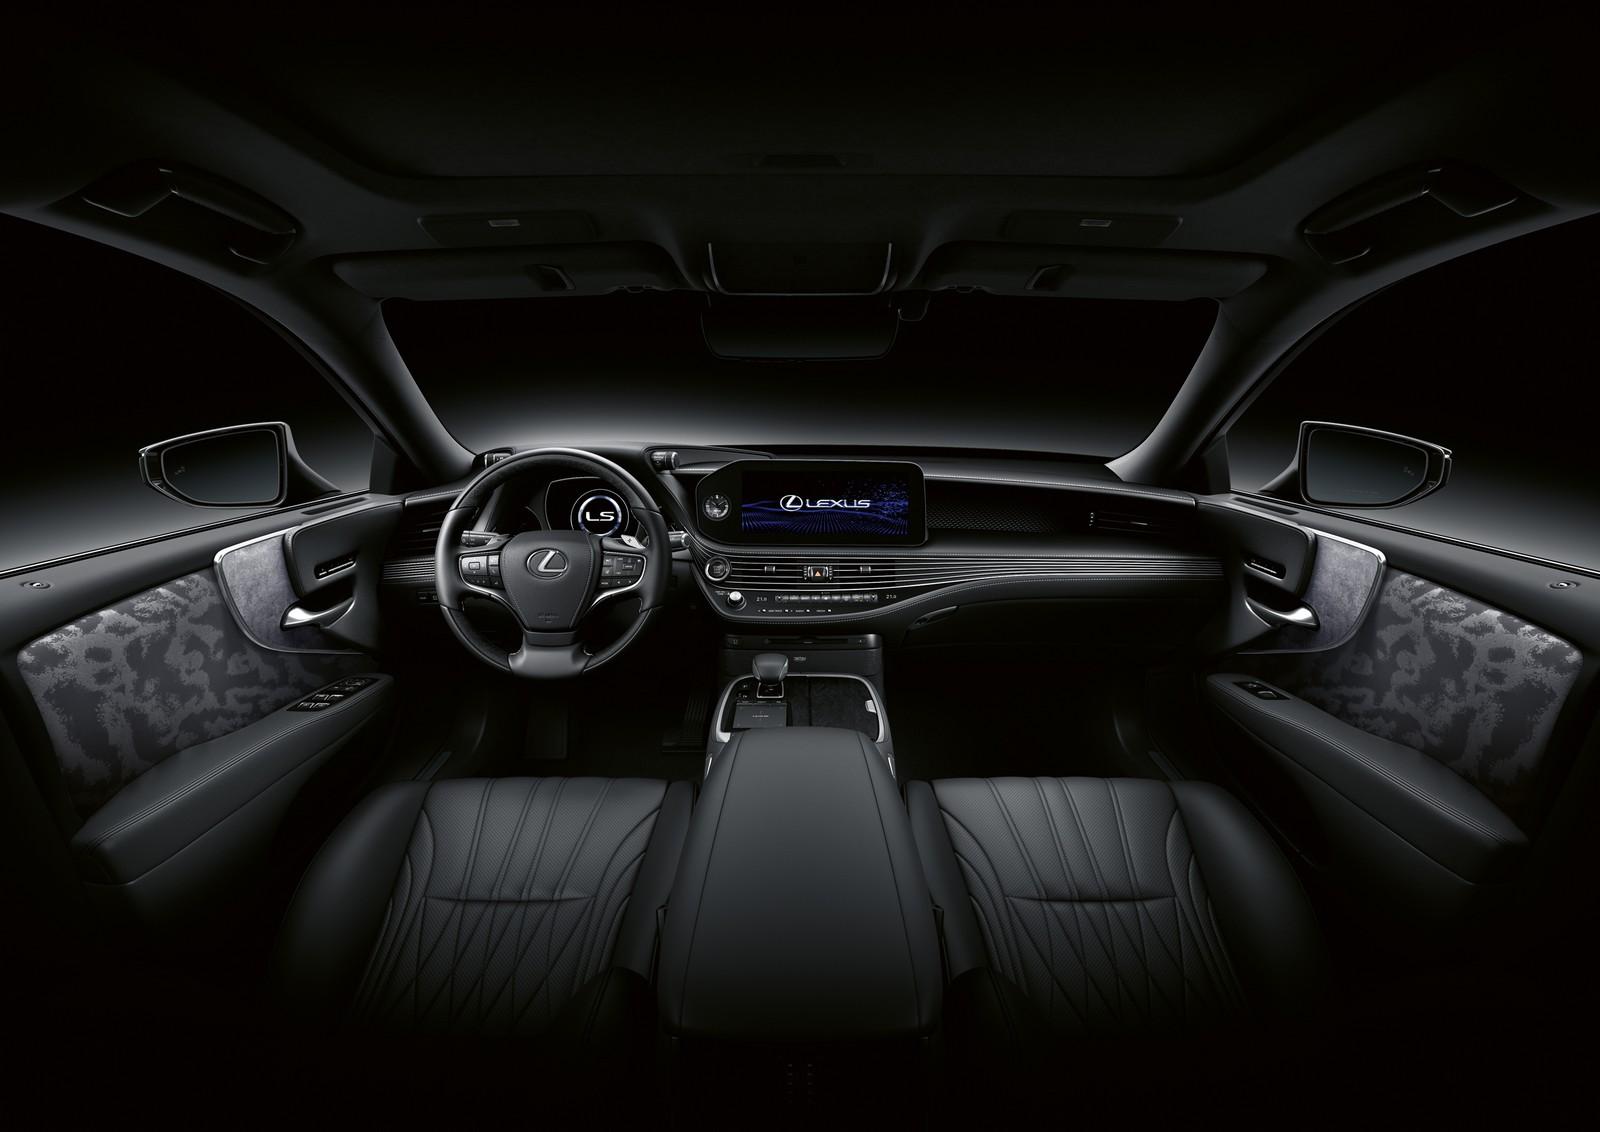 Lexus Ls 500h Interior 04